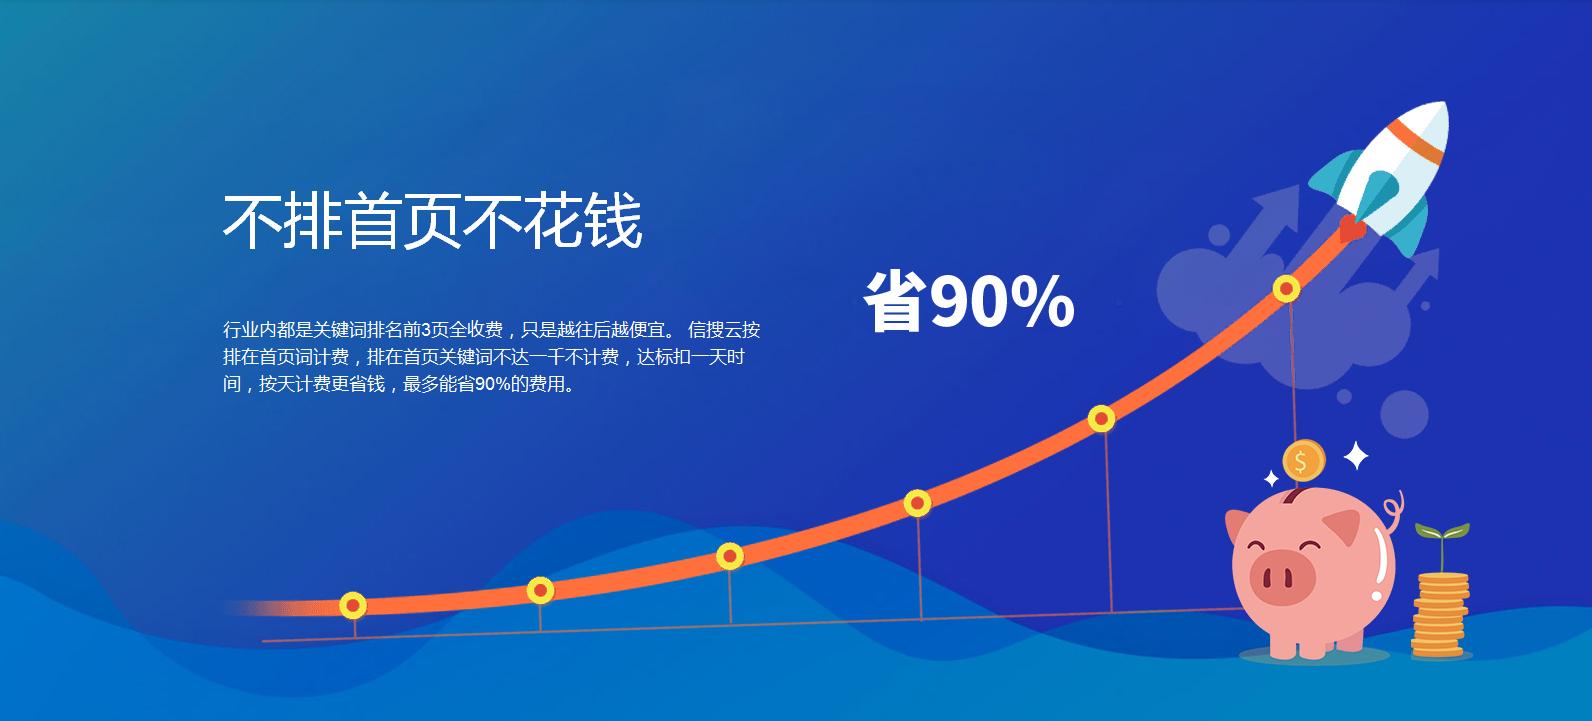 滨州网站优化标题的注意事项